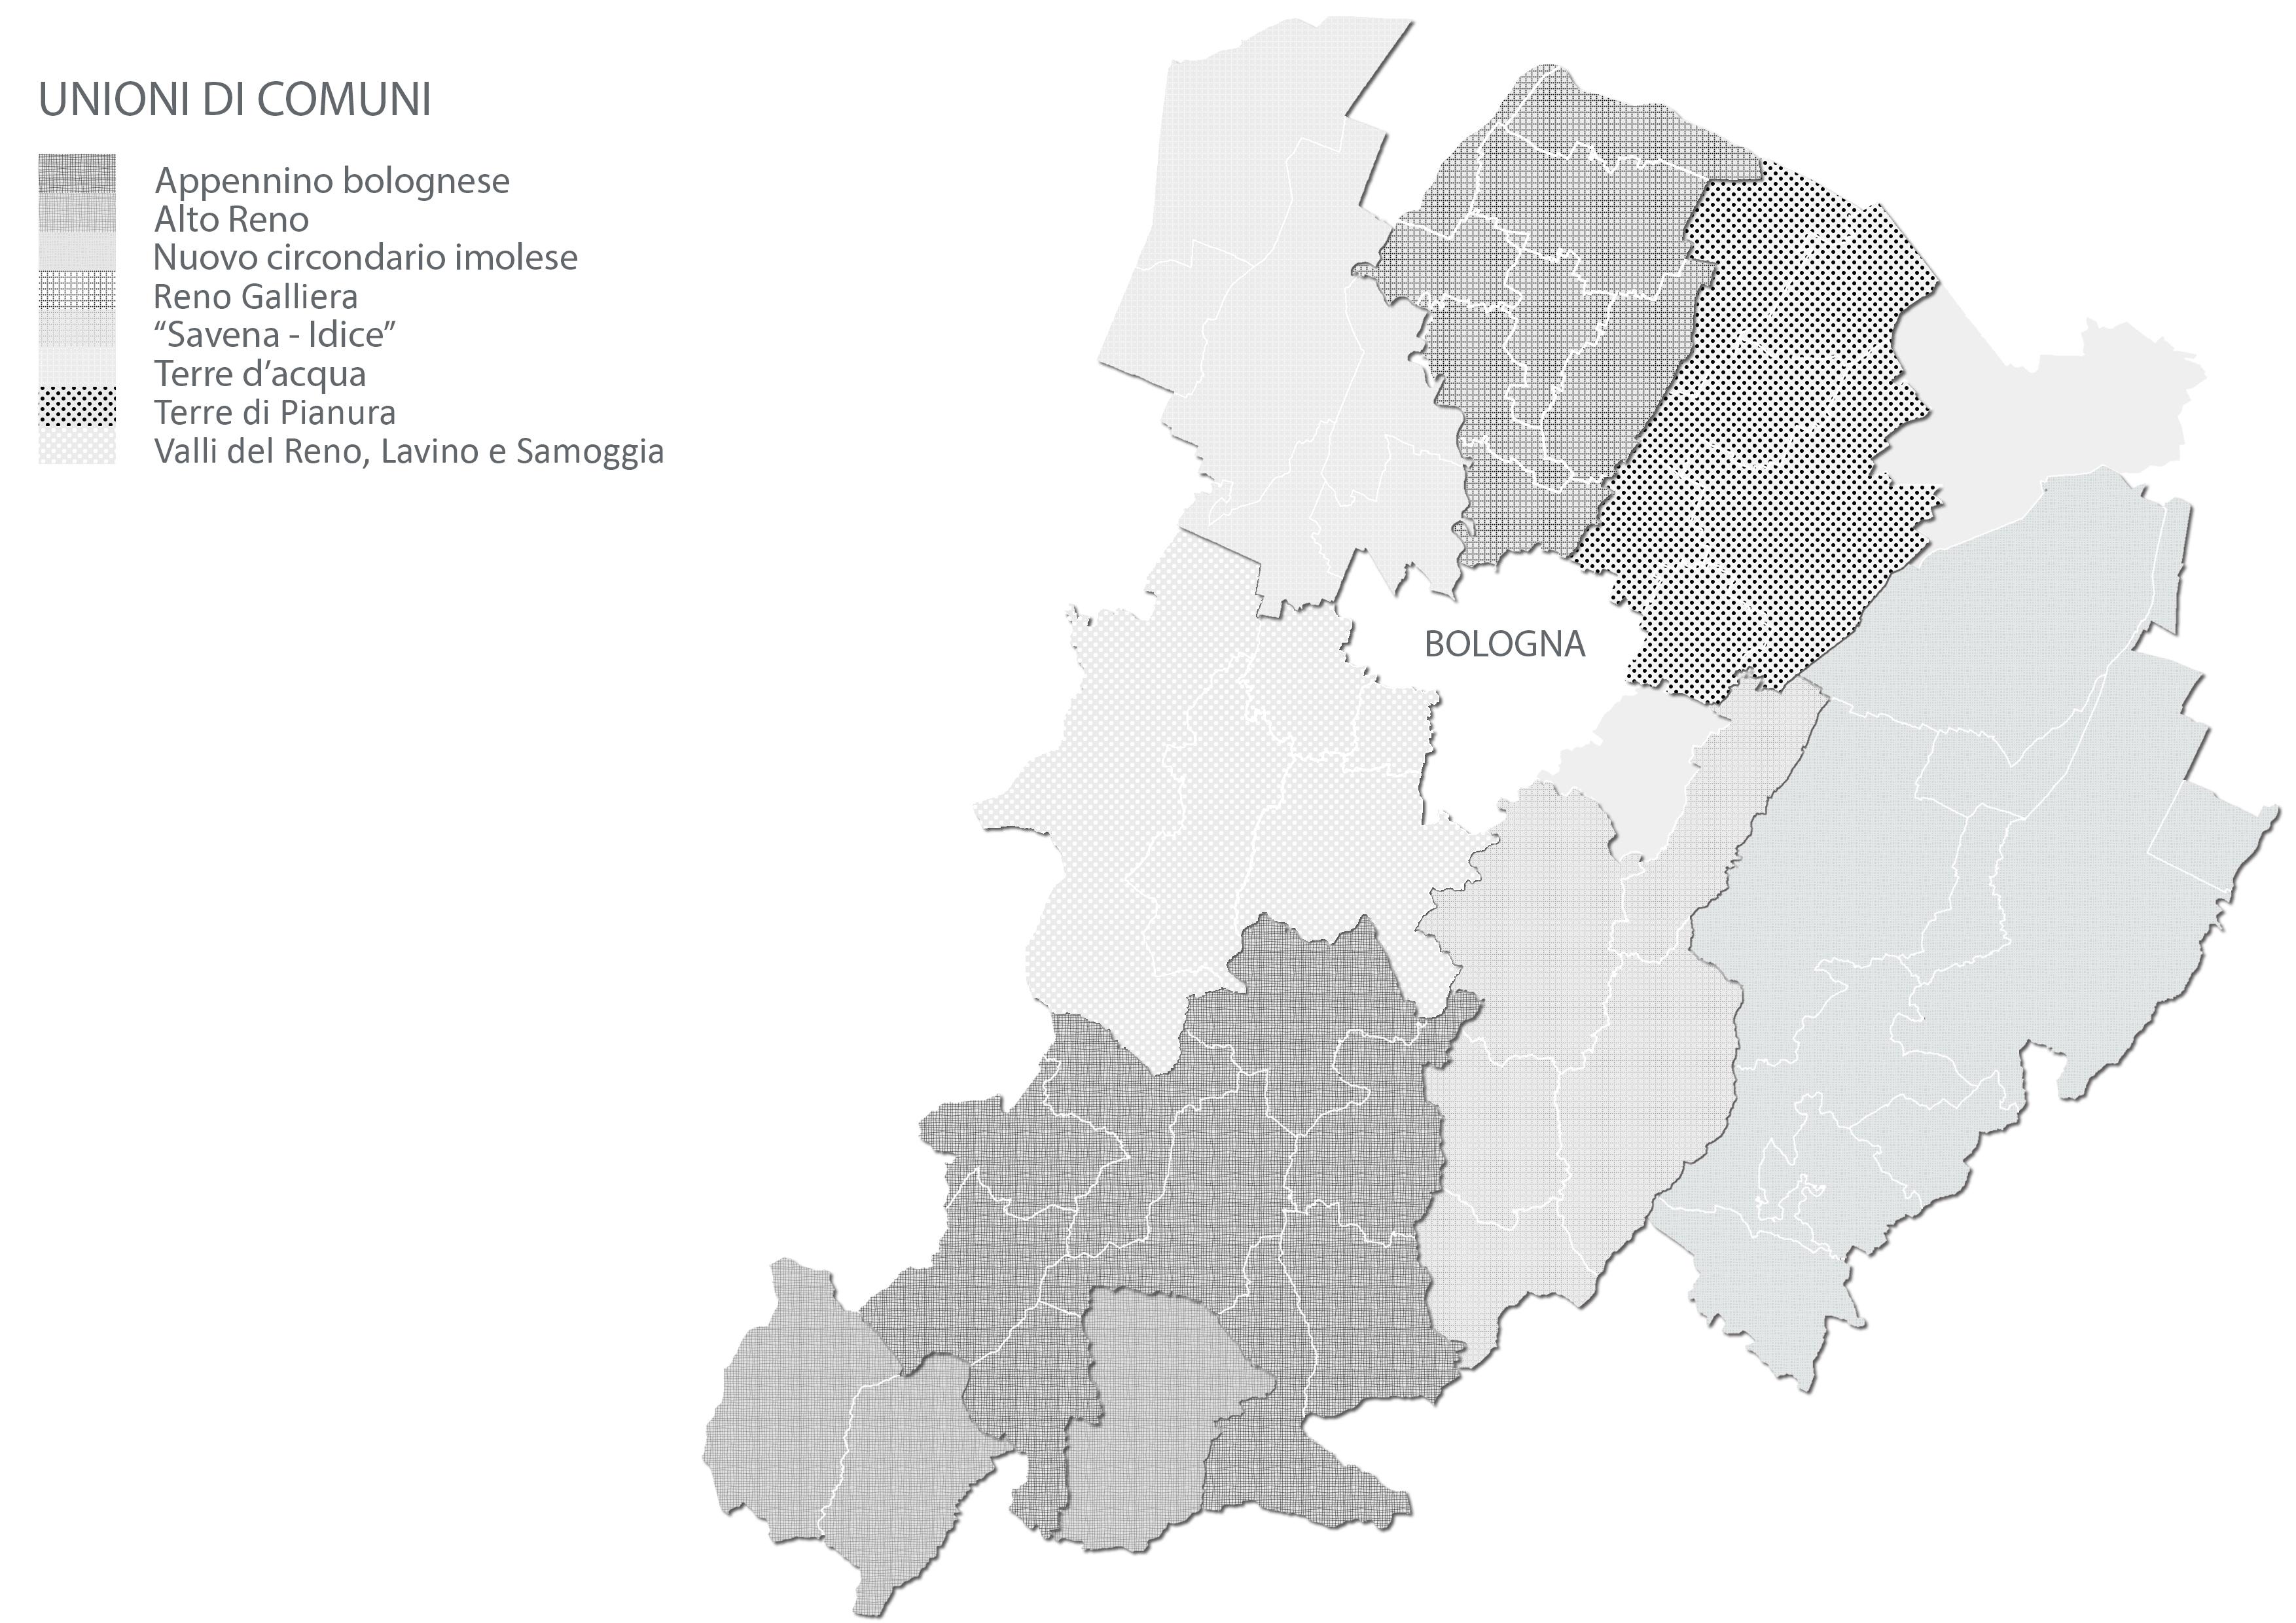 Città Metropolitana di Bologna - Unioni di Comuni